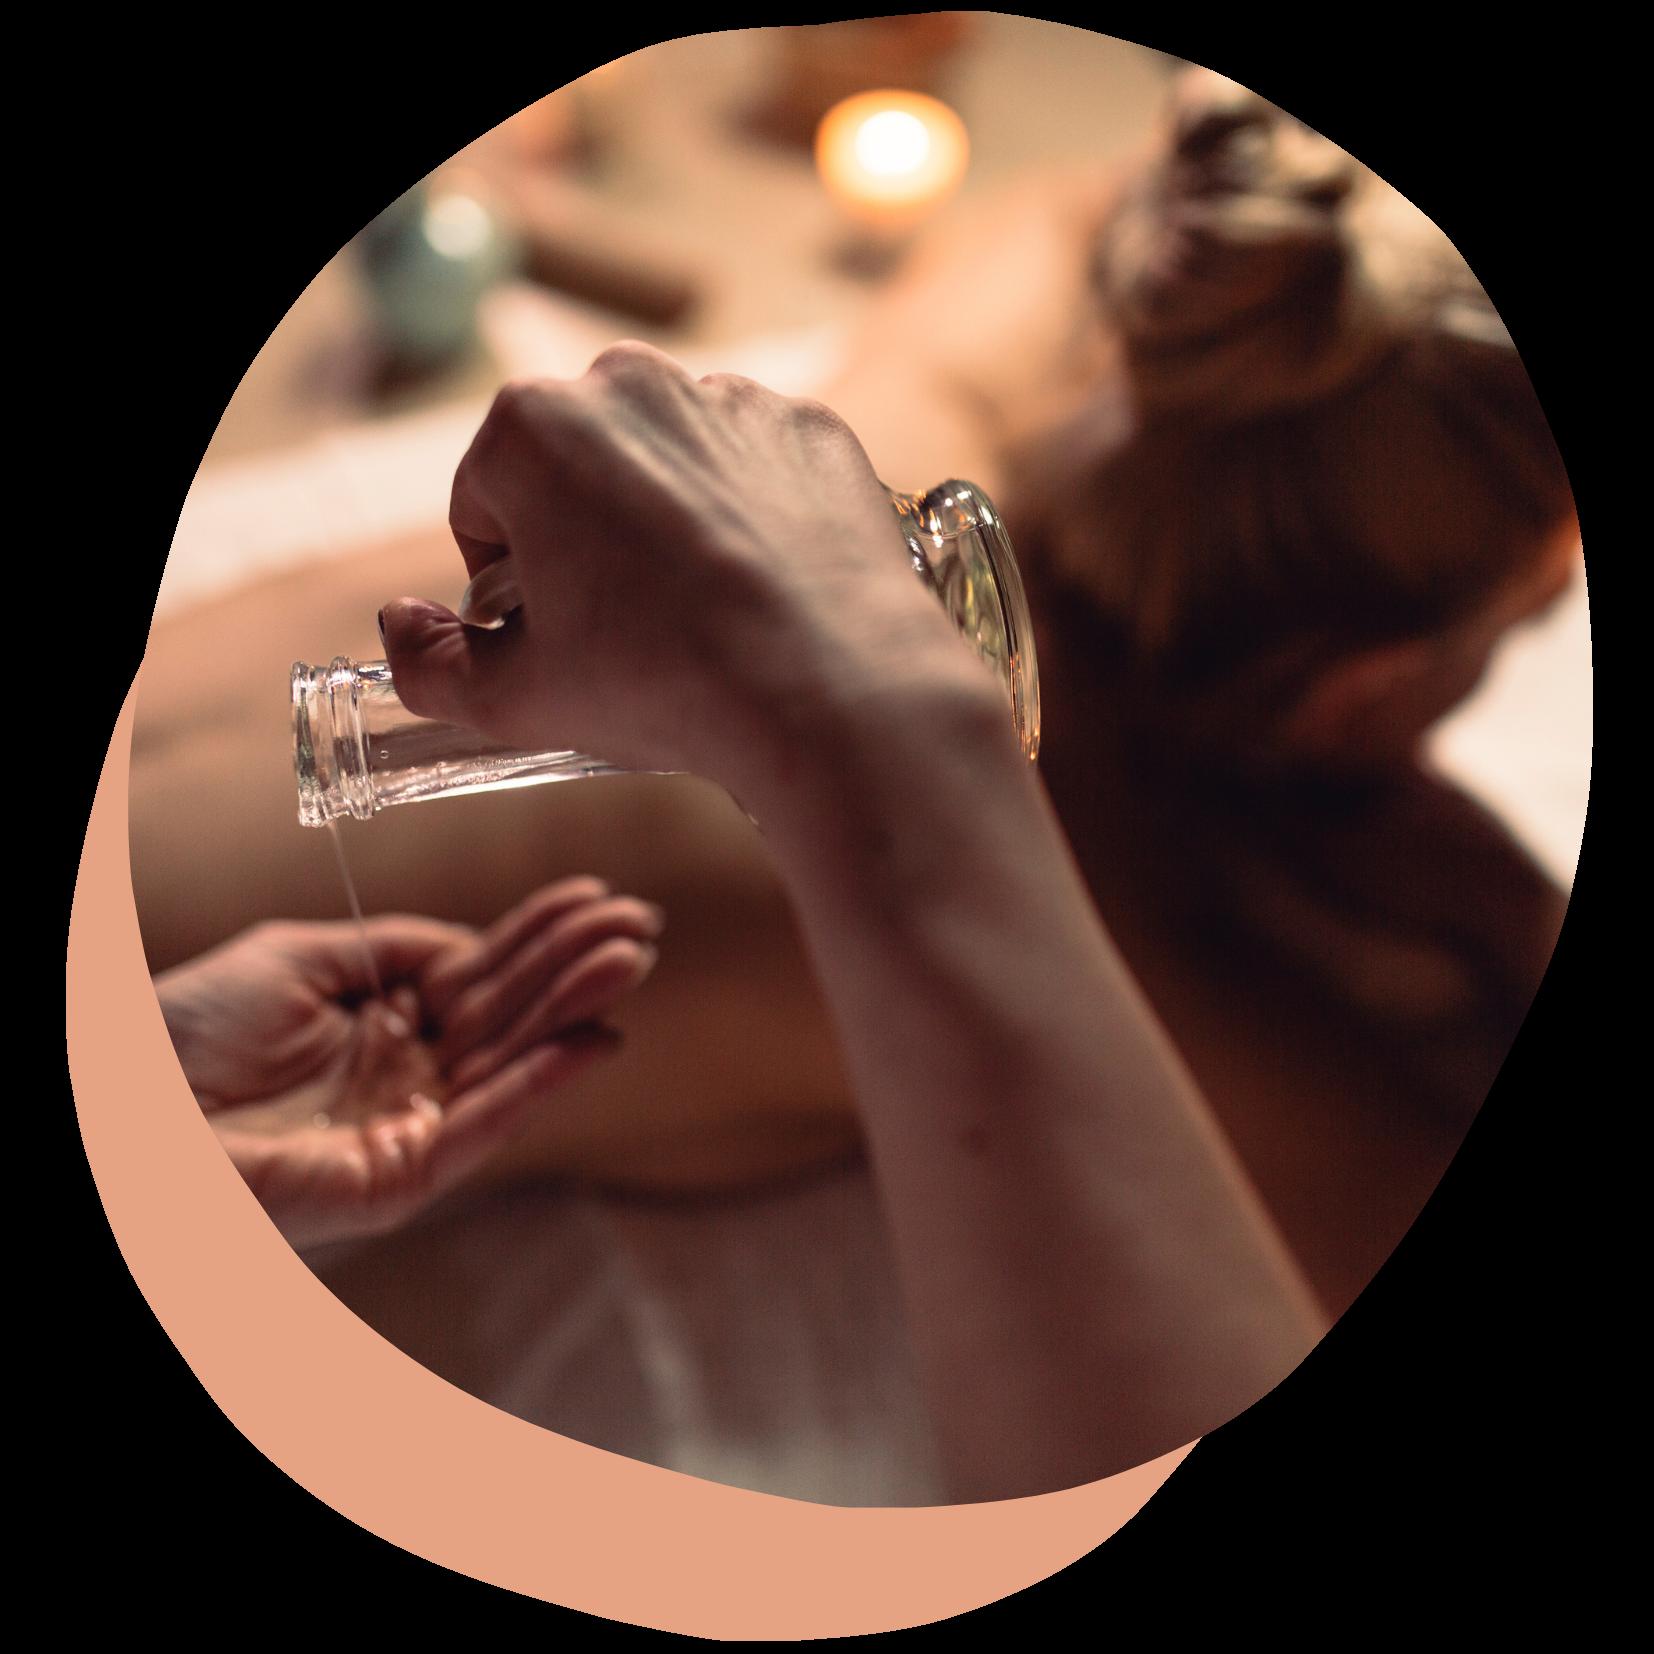 Image massage à l'huile